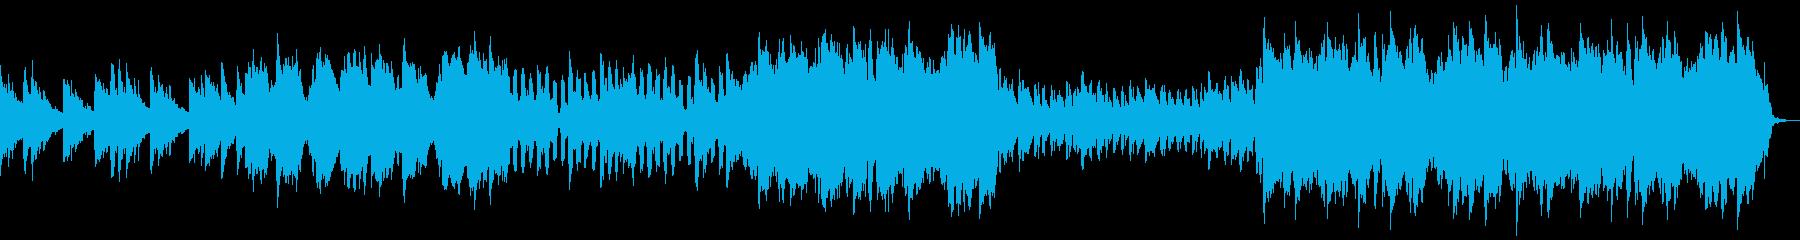 ゆったりとした日常系BGMの再生済みの波形